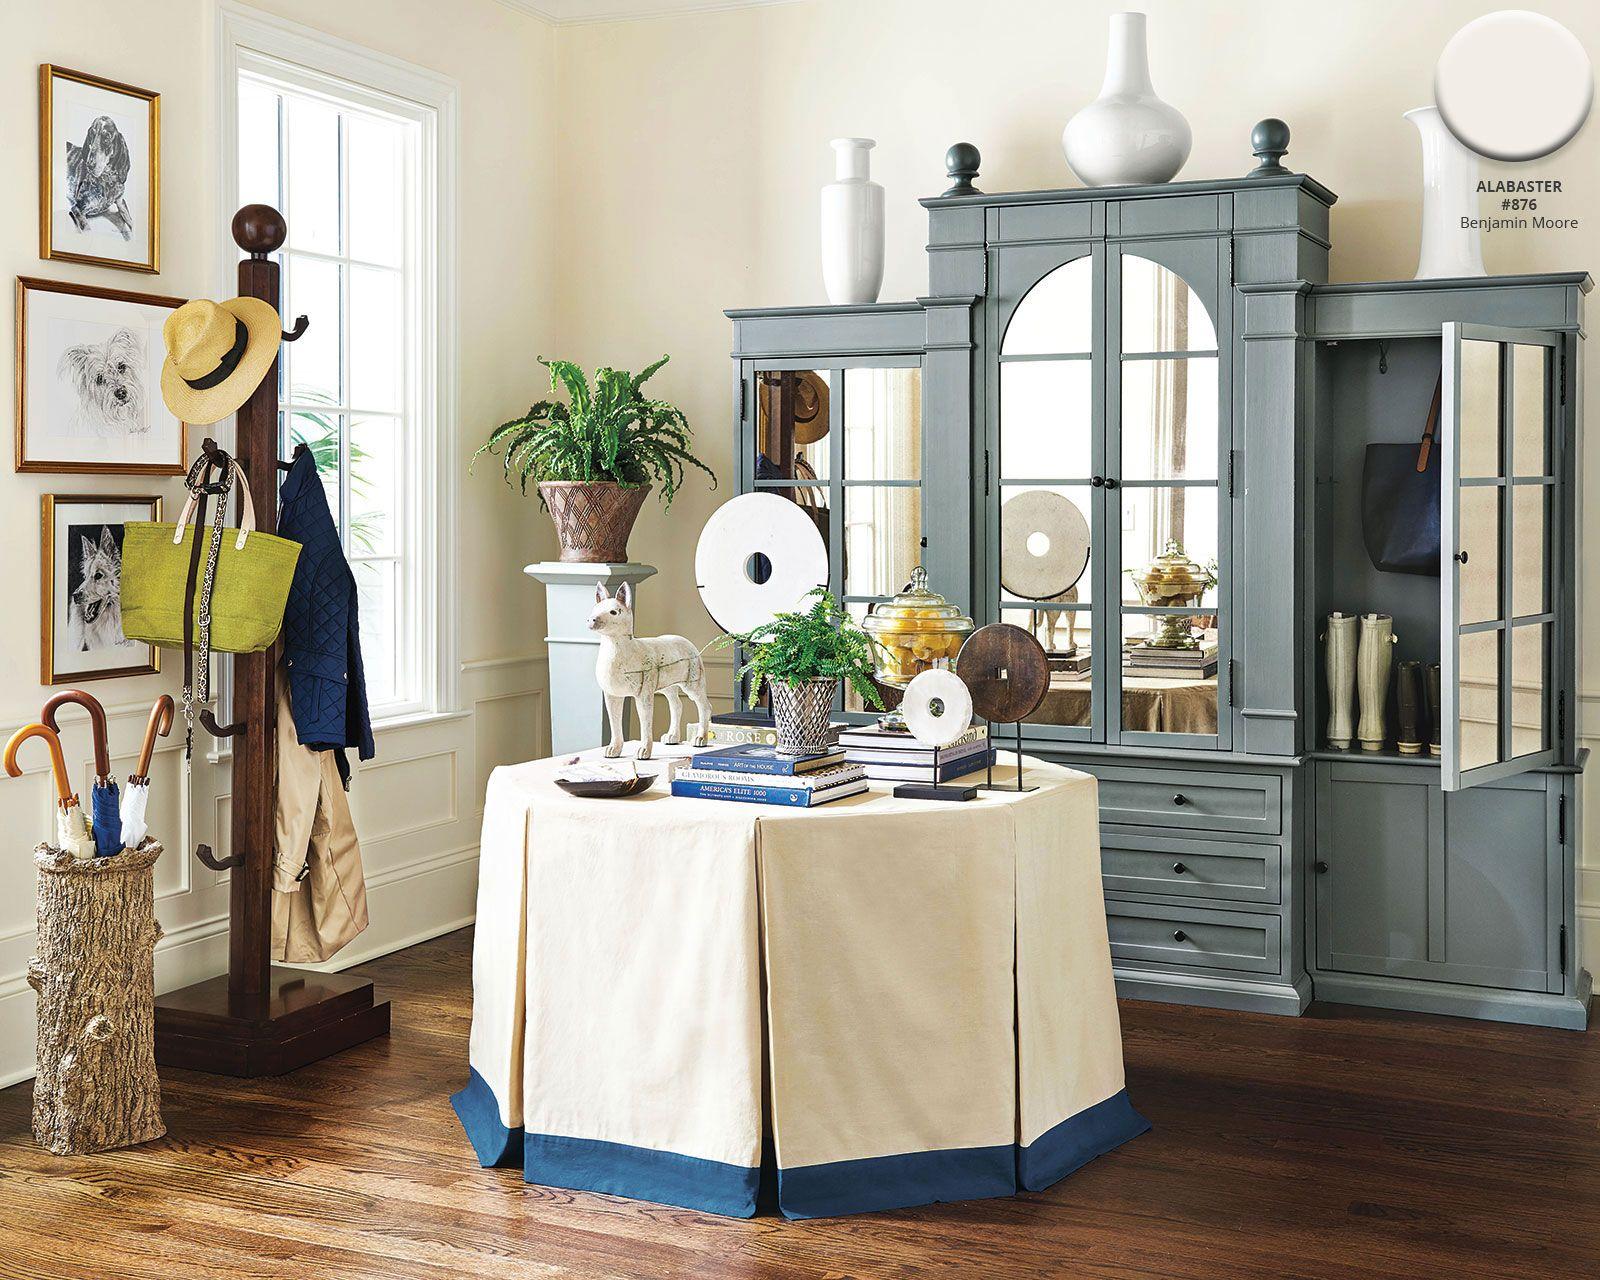 2019 benjamin moores alabaster paint color in entryway of ballard designs catalog